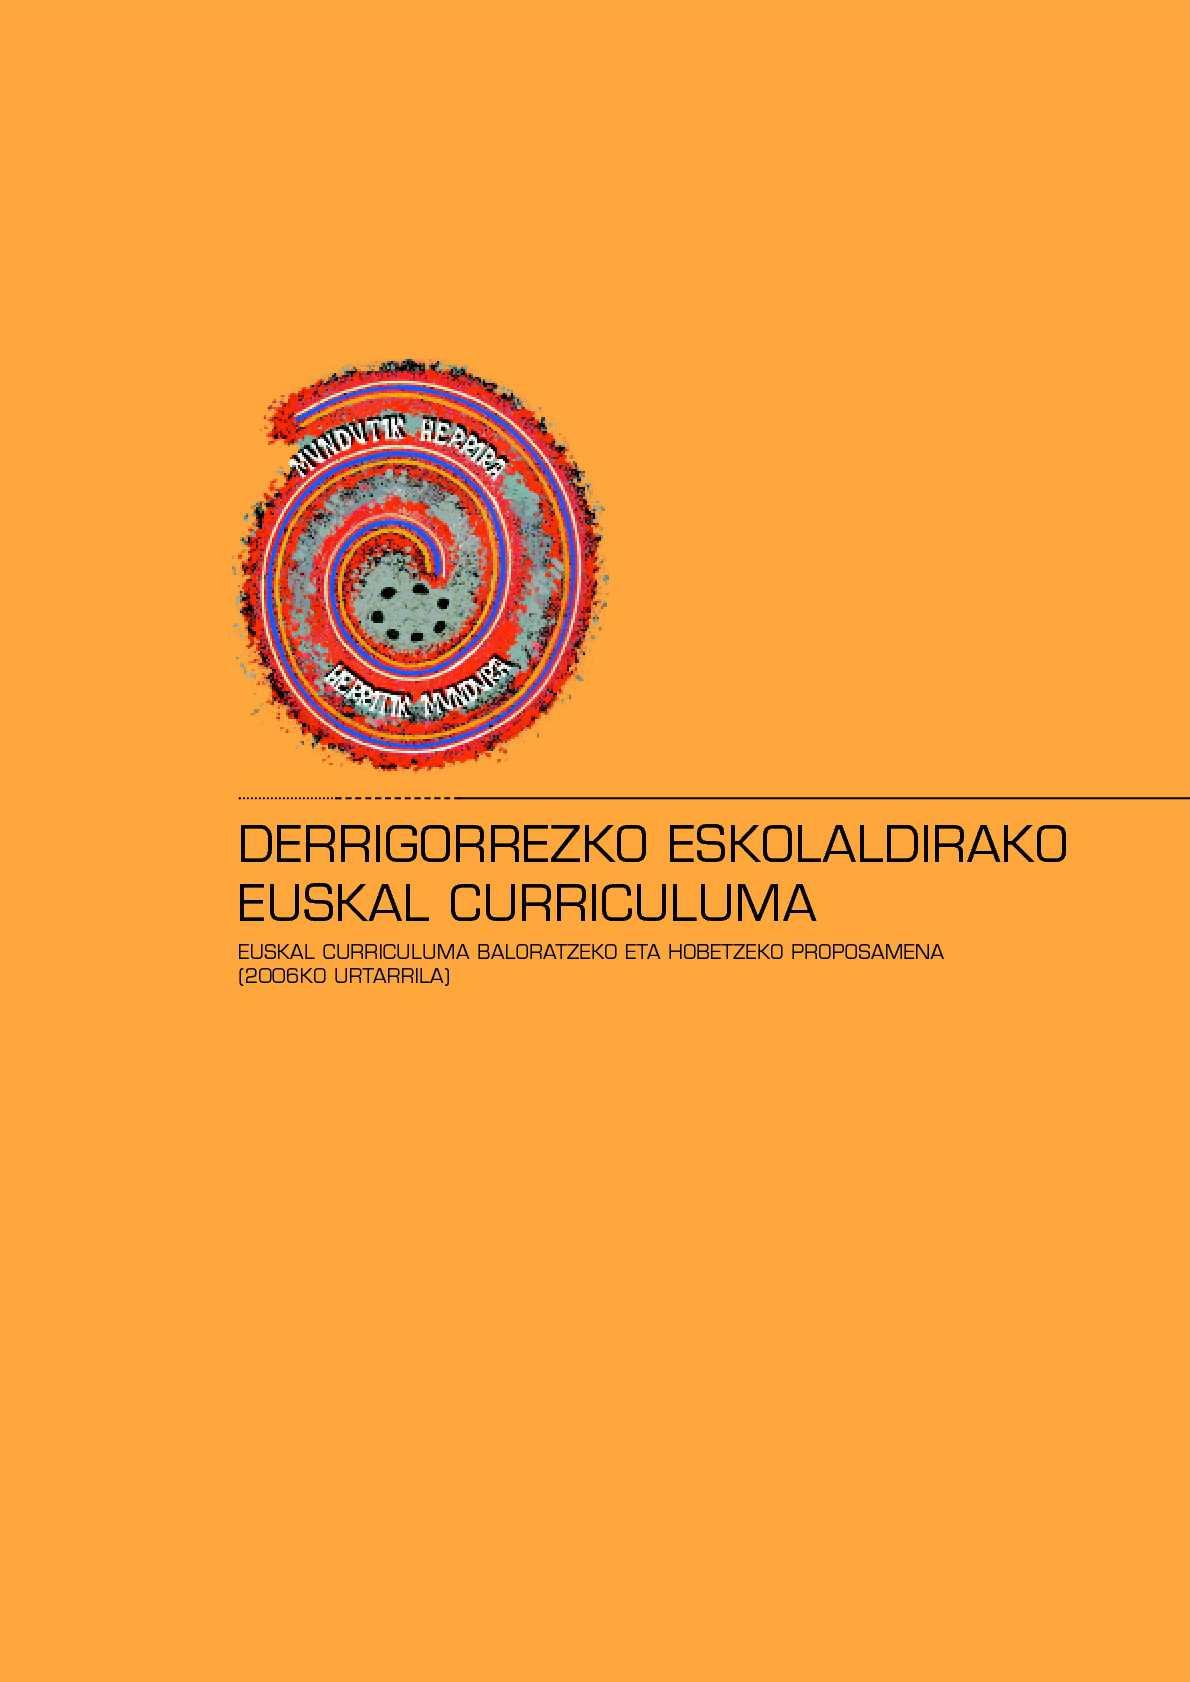 Calaméo Euskal Curriculuma